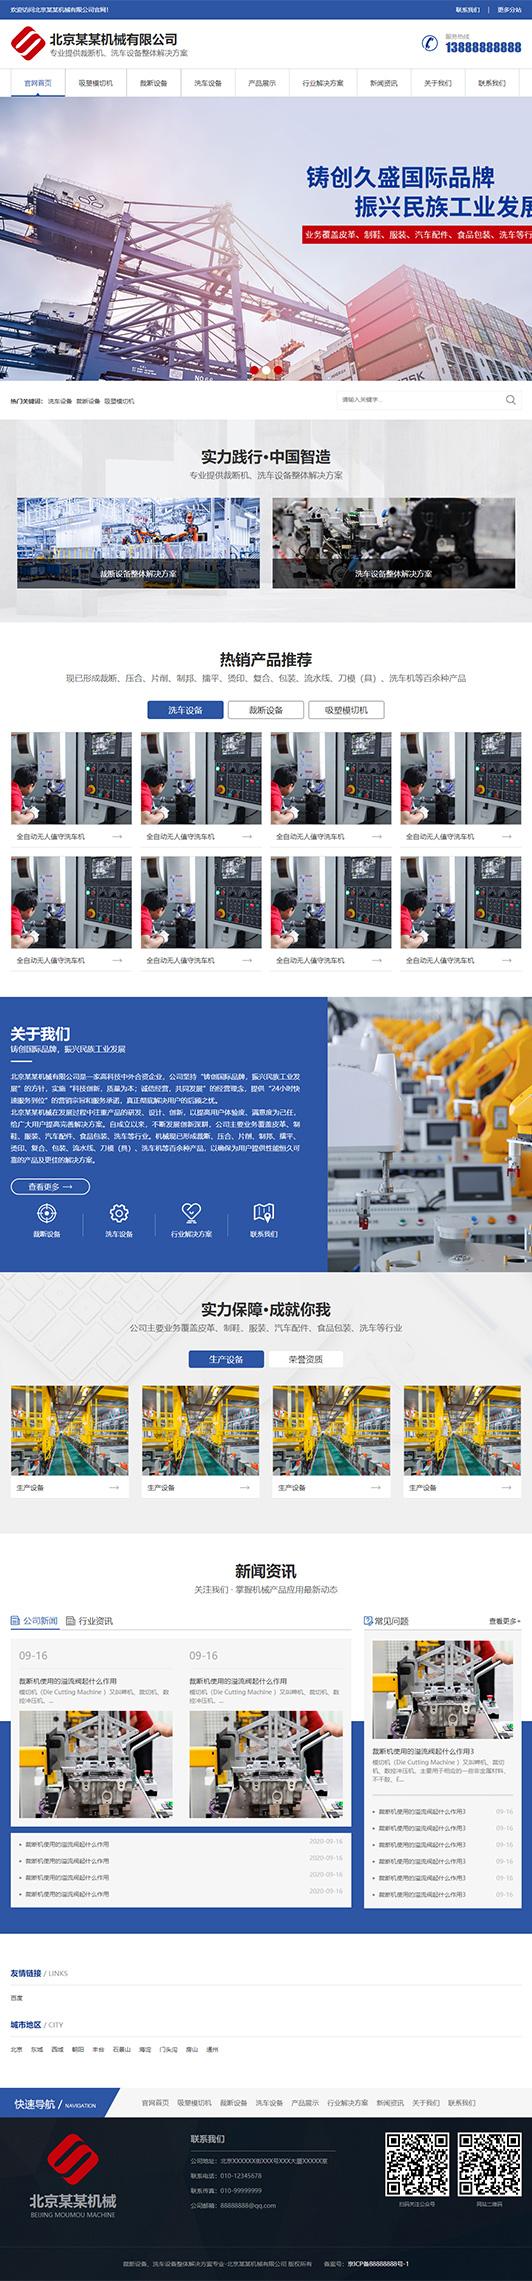 机械设备公司通用响应式模板